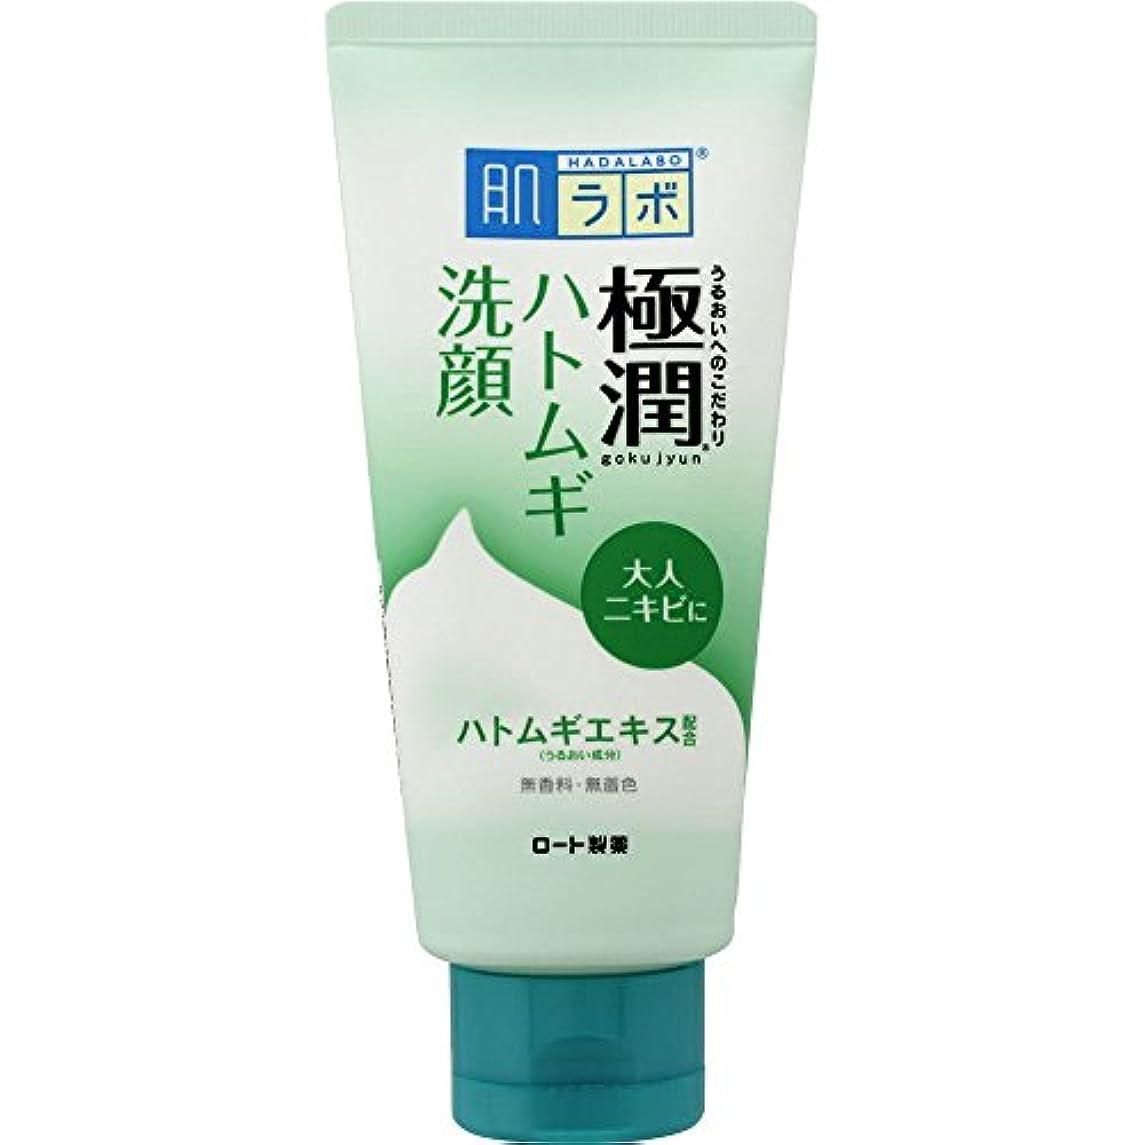 すぐにマイル直立肌ラボ 極潤 毛穴洗浄 大人ニキビ予防 ハトムギ洗顔フォーム 100g